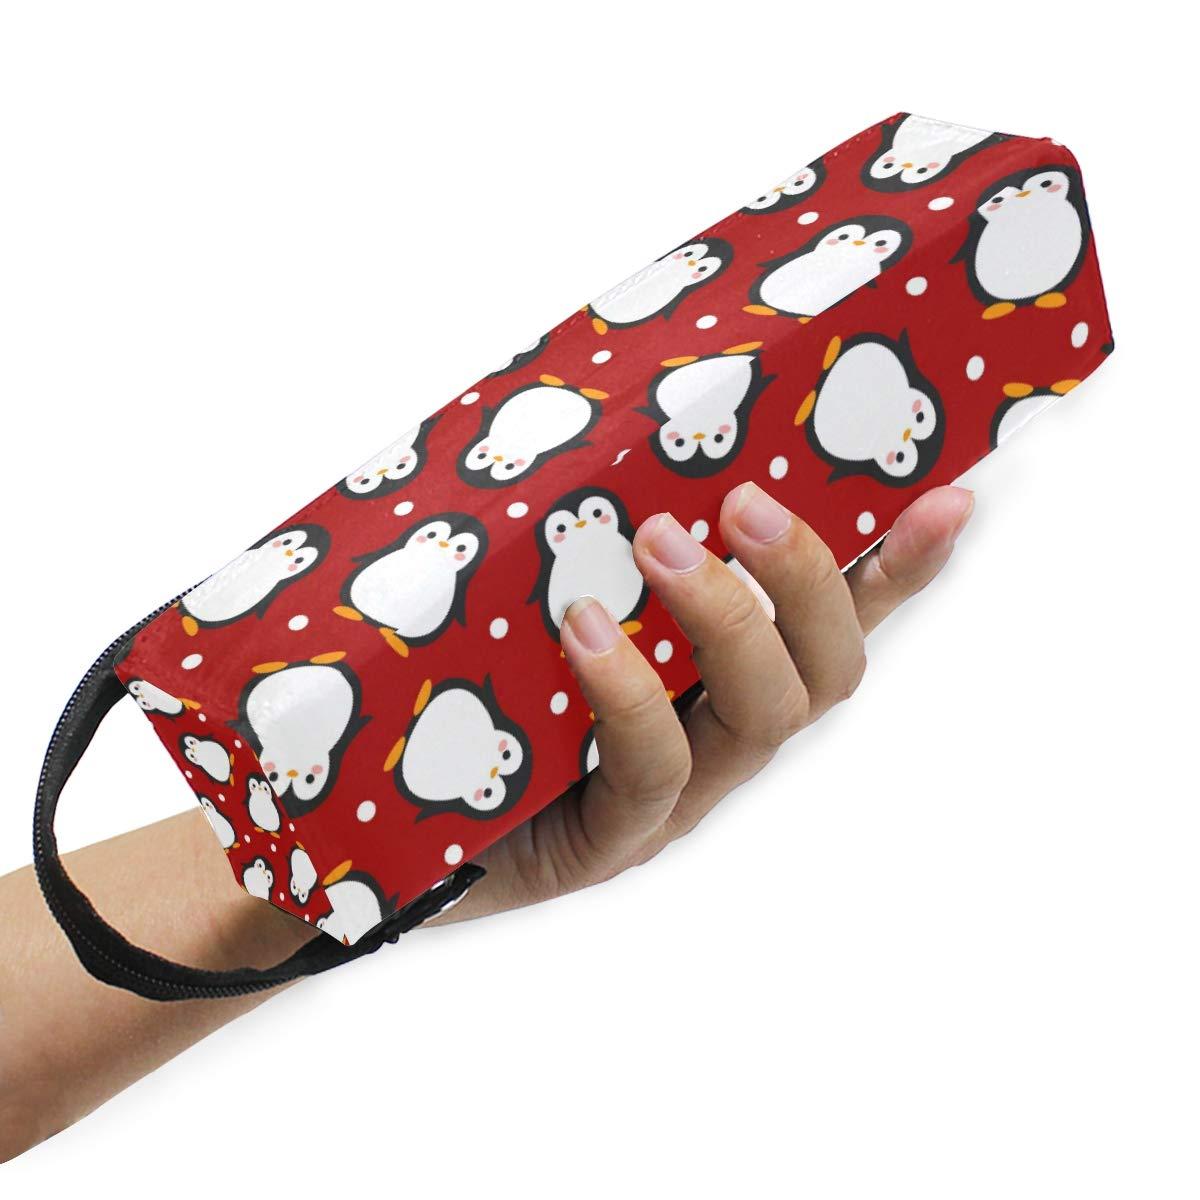 Carino pinguino carino con neve portatile custodia morbida per occhiali da vista per donne e ragazze con cerniera porta occhiali da sole bianco e rosso